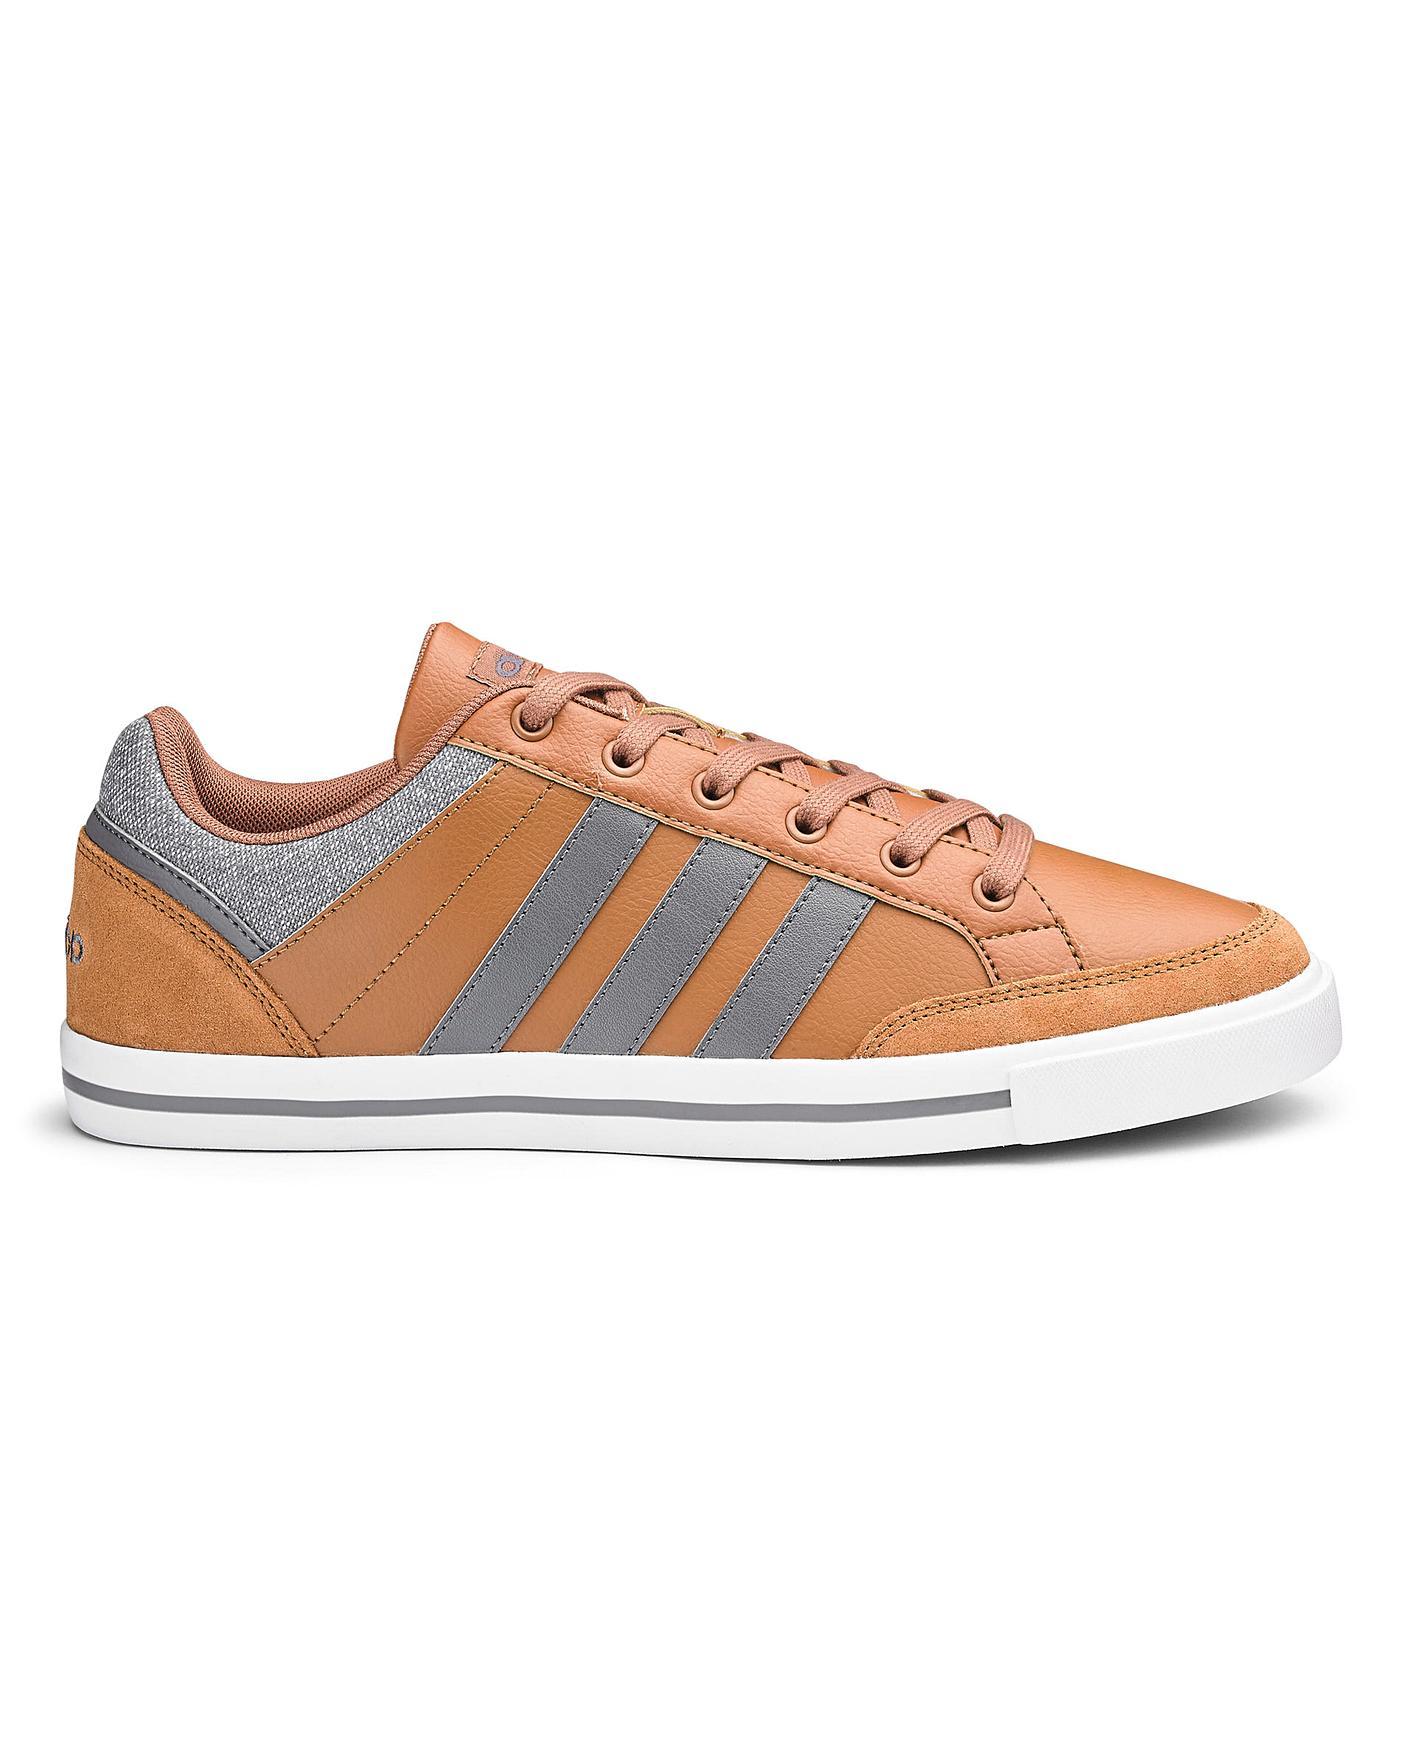 regarder f5ef2 3fa17 Adidas Cacity Trainers